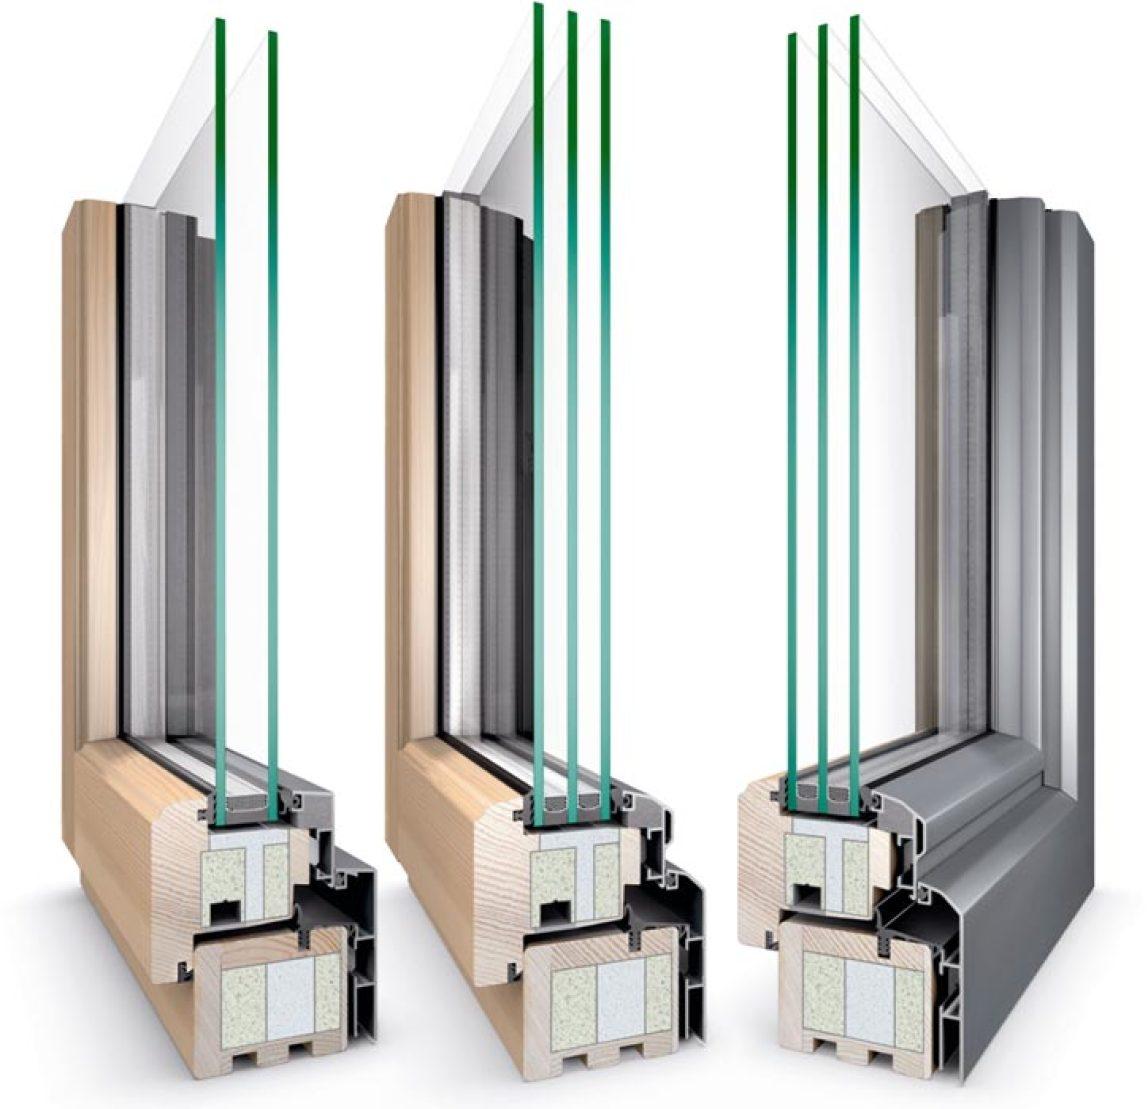 Full Size of Fenster Holz Alu Oder Kunststofffenster Aluminium Preise Online Josko Kosten Holz Alu Fenster Holz Aluminium Unilux Preisvergleich Kunststoff Pro Qm Fenster Fenster Holz Alu